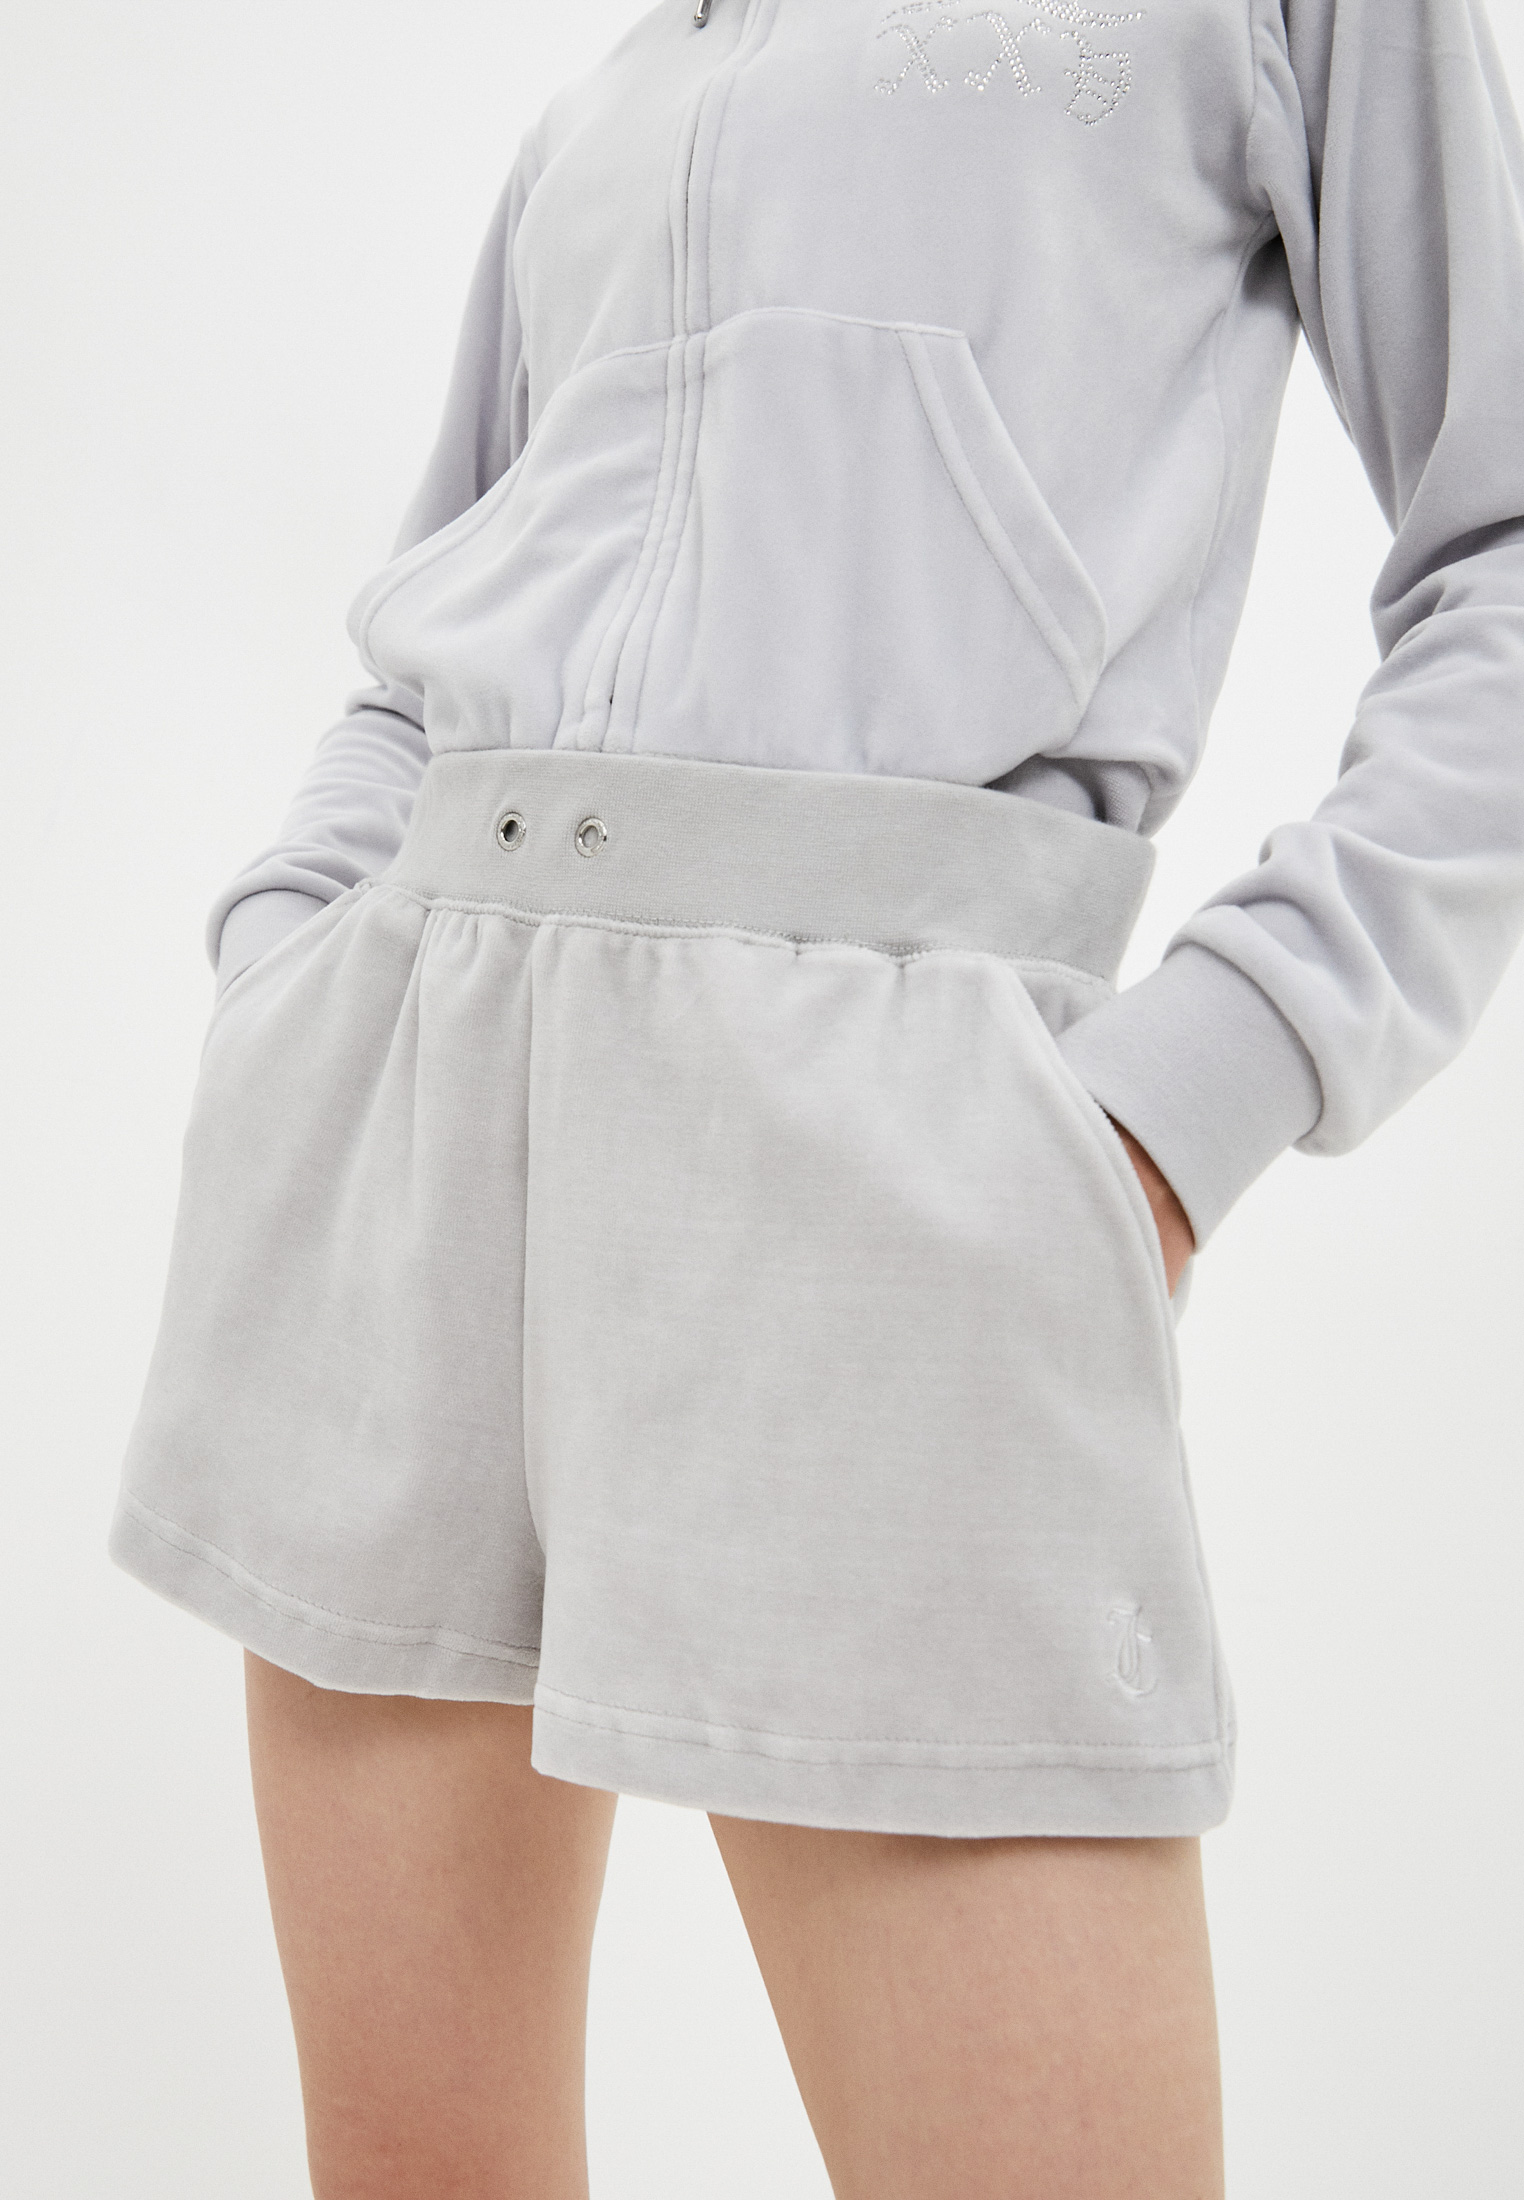 Женские повседневные шорты Juicy Couture (Джуси Кутюр) Шорты Juicy Couture